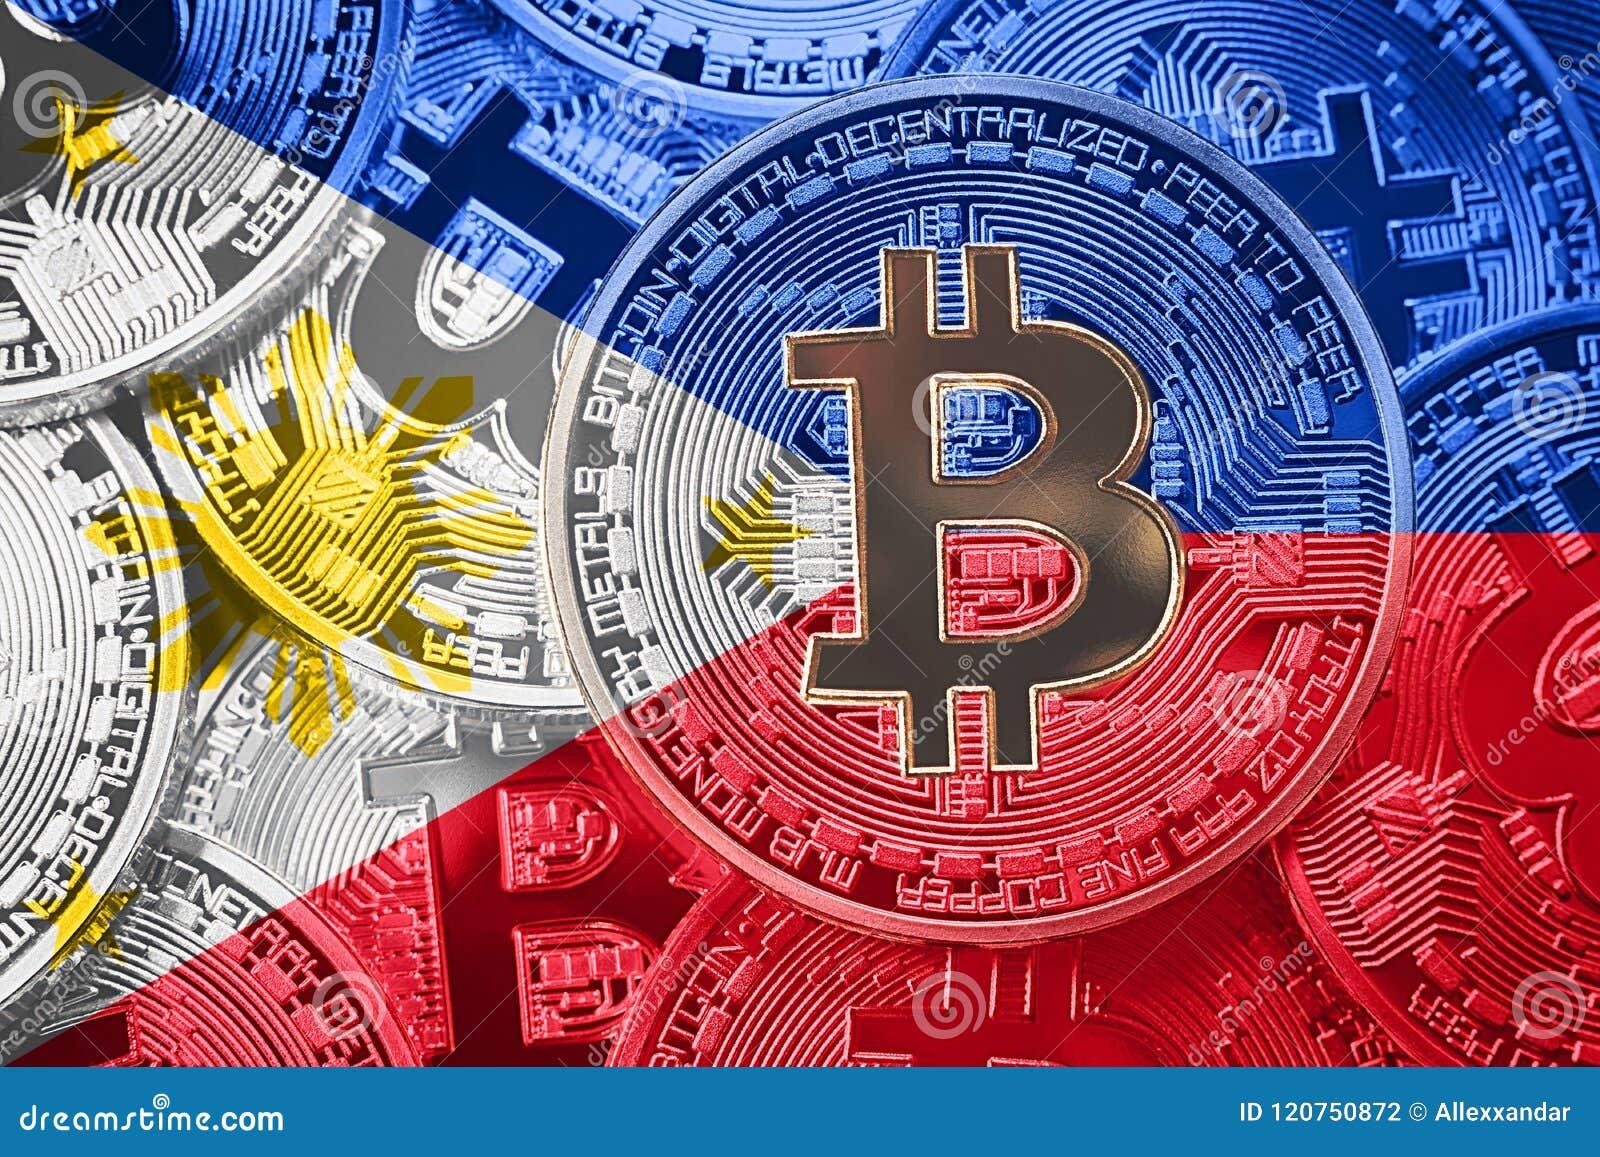 unicredit valore azioni oggi la verità su bitcoin trader